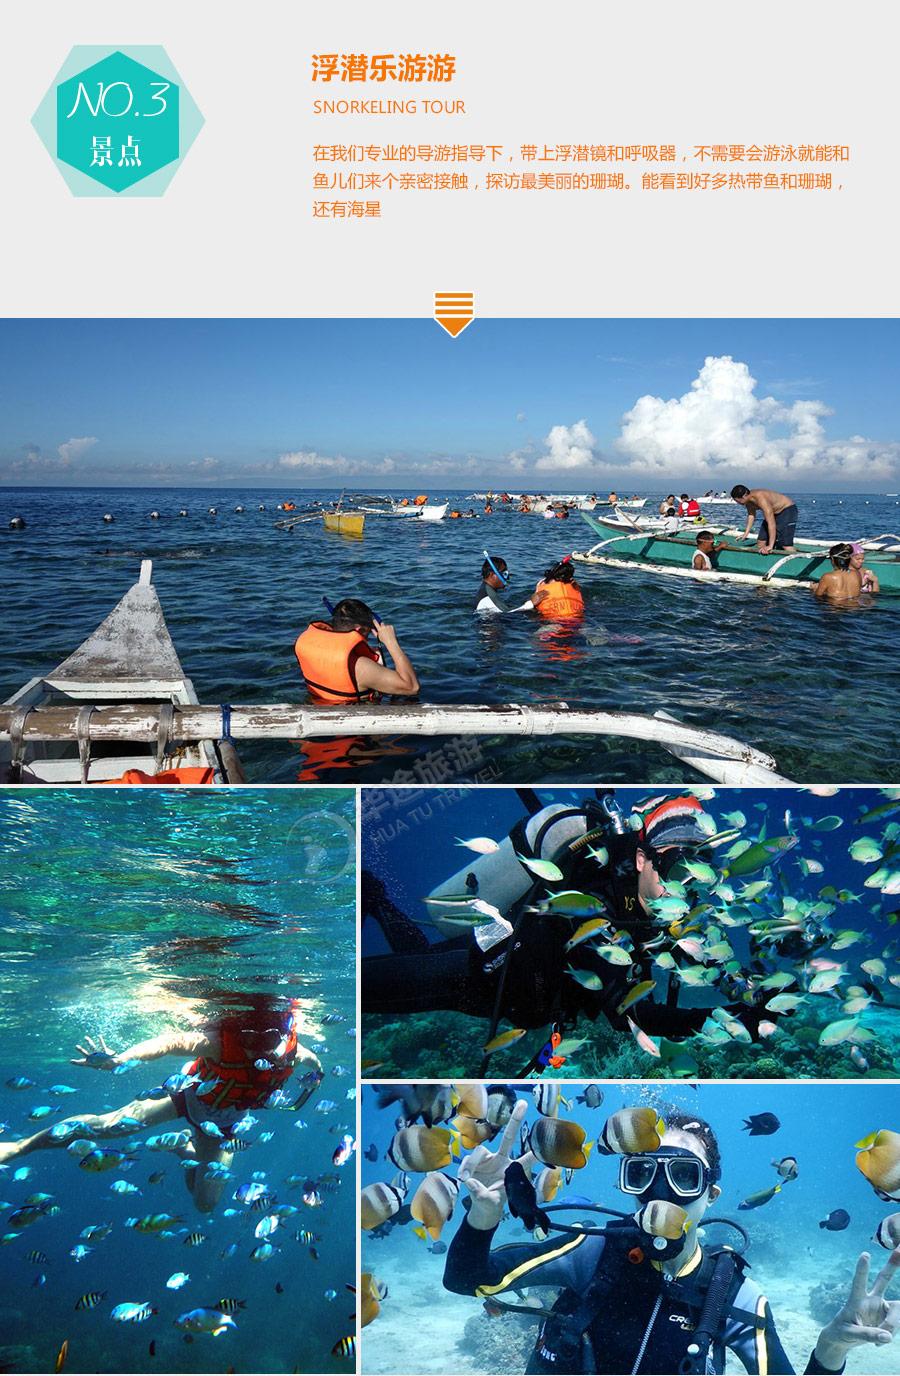 菲律宾长滩岛6日4晚自由行·春节+天堂花园或同级+赠